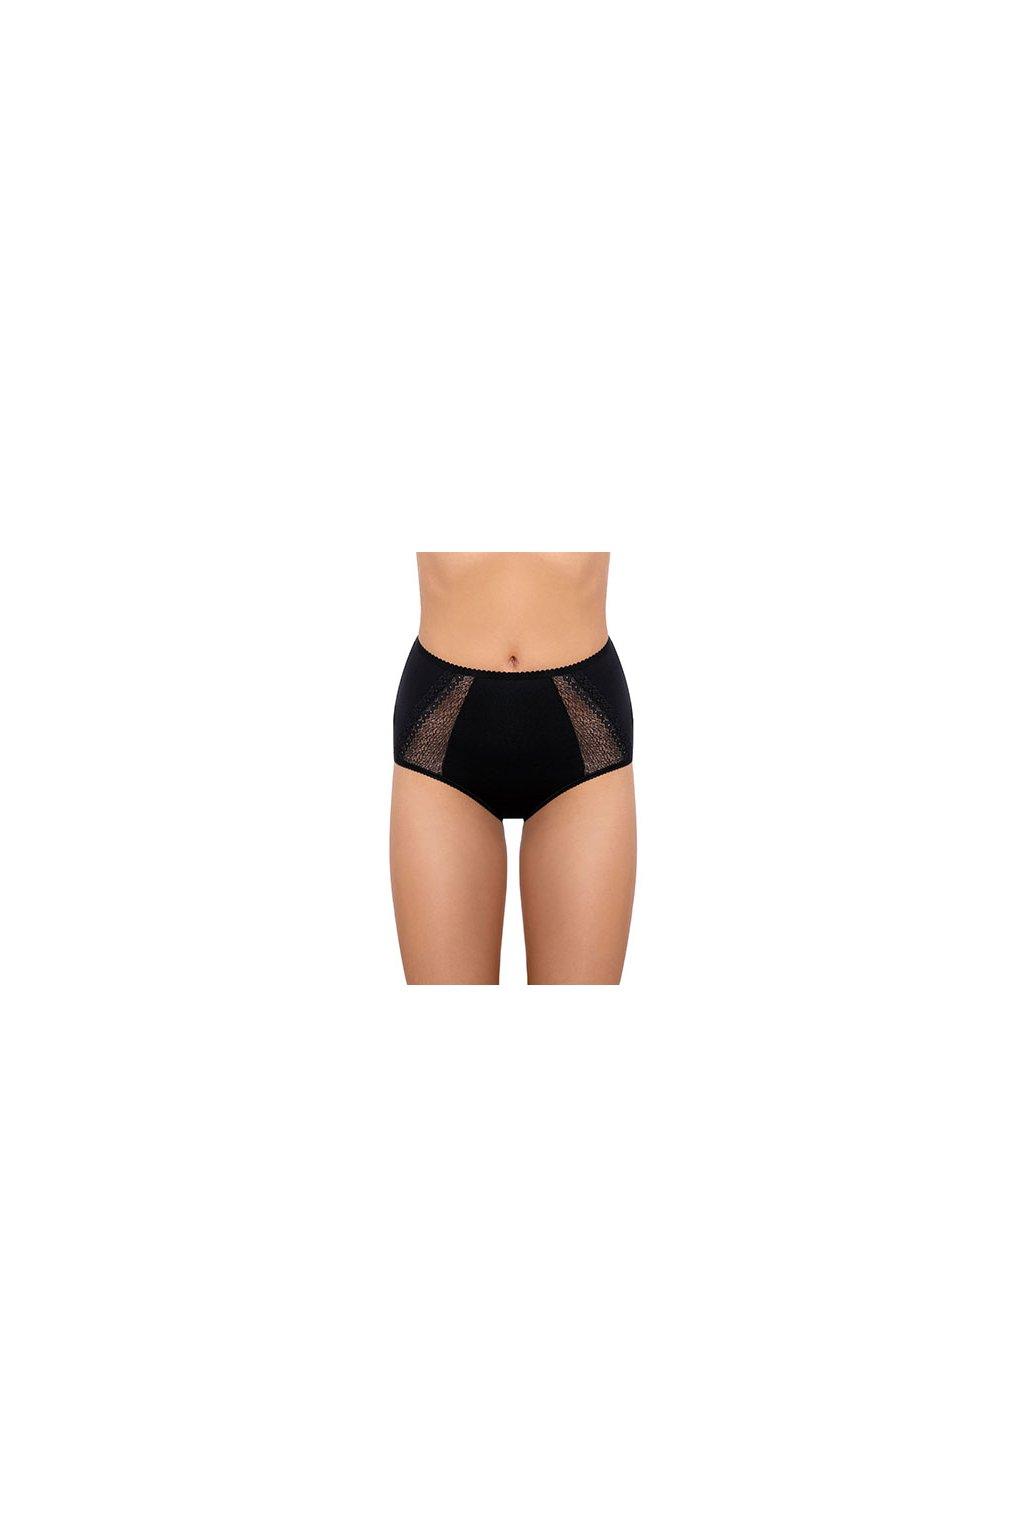 Dámské kalhotky, 100175 29, černá